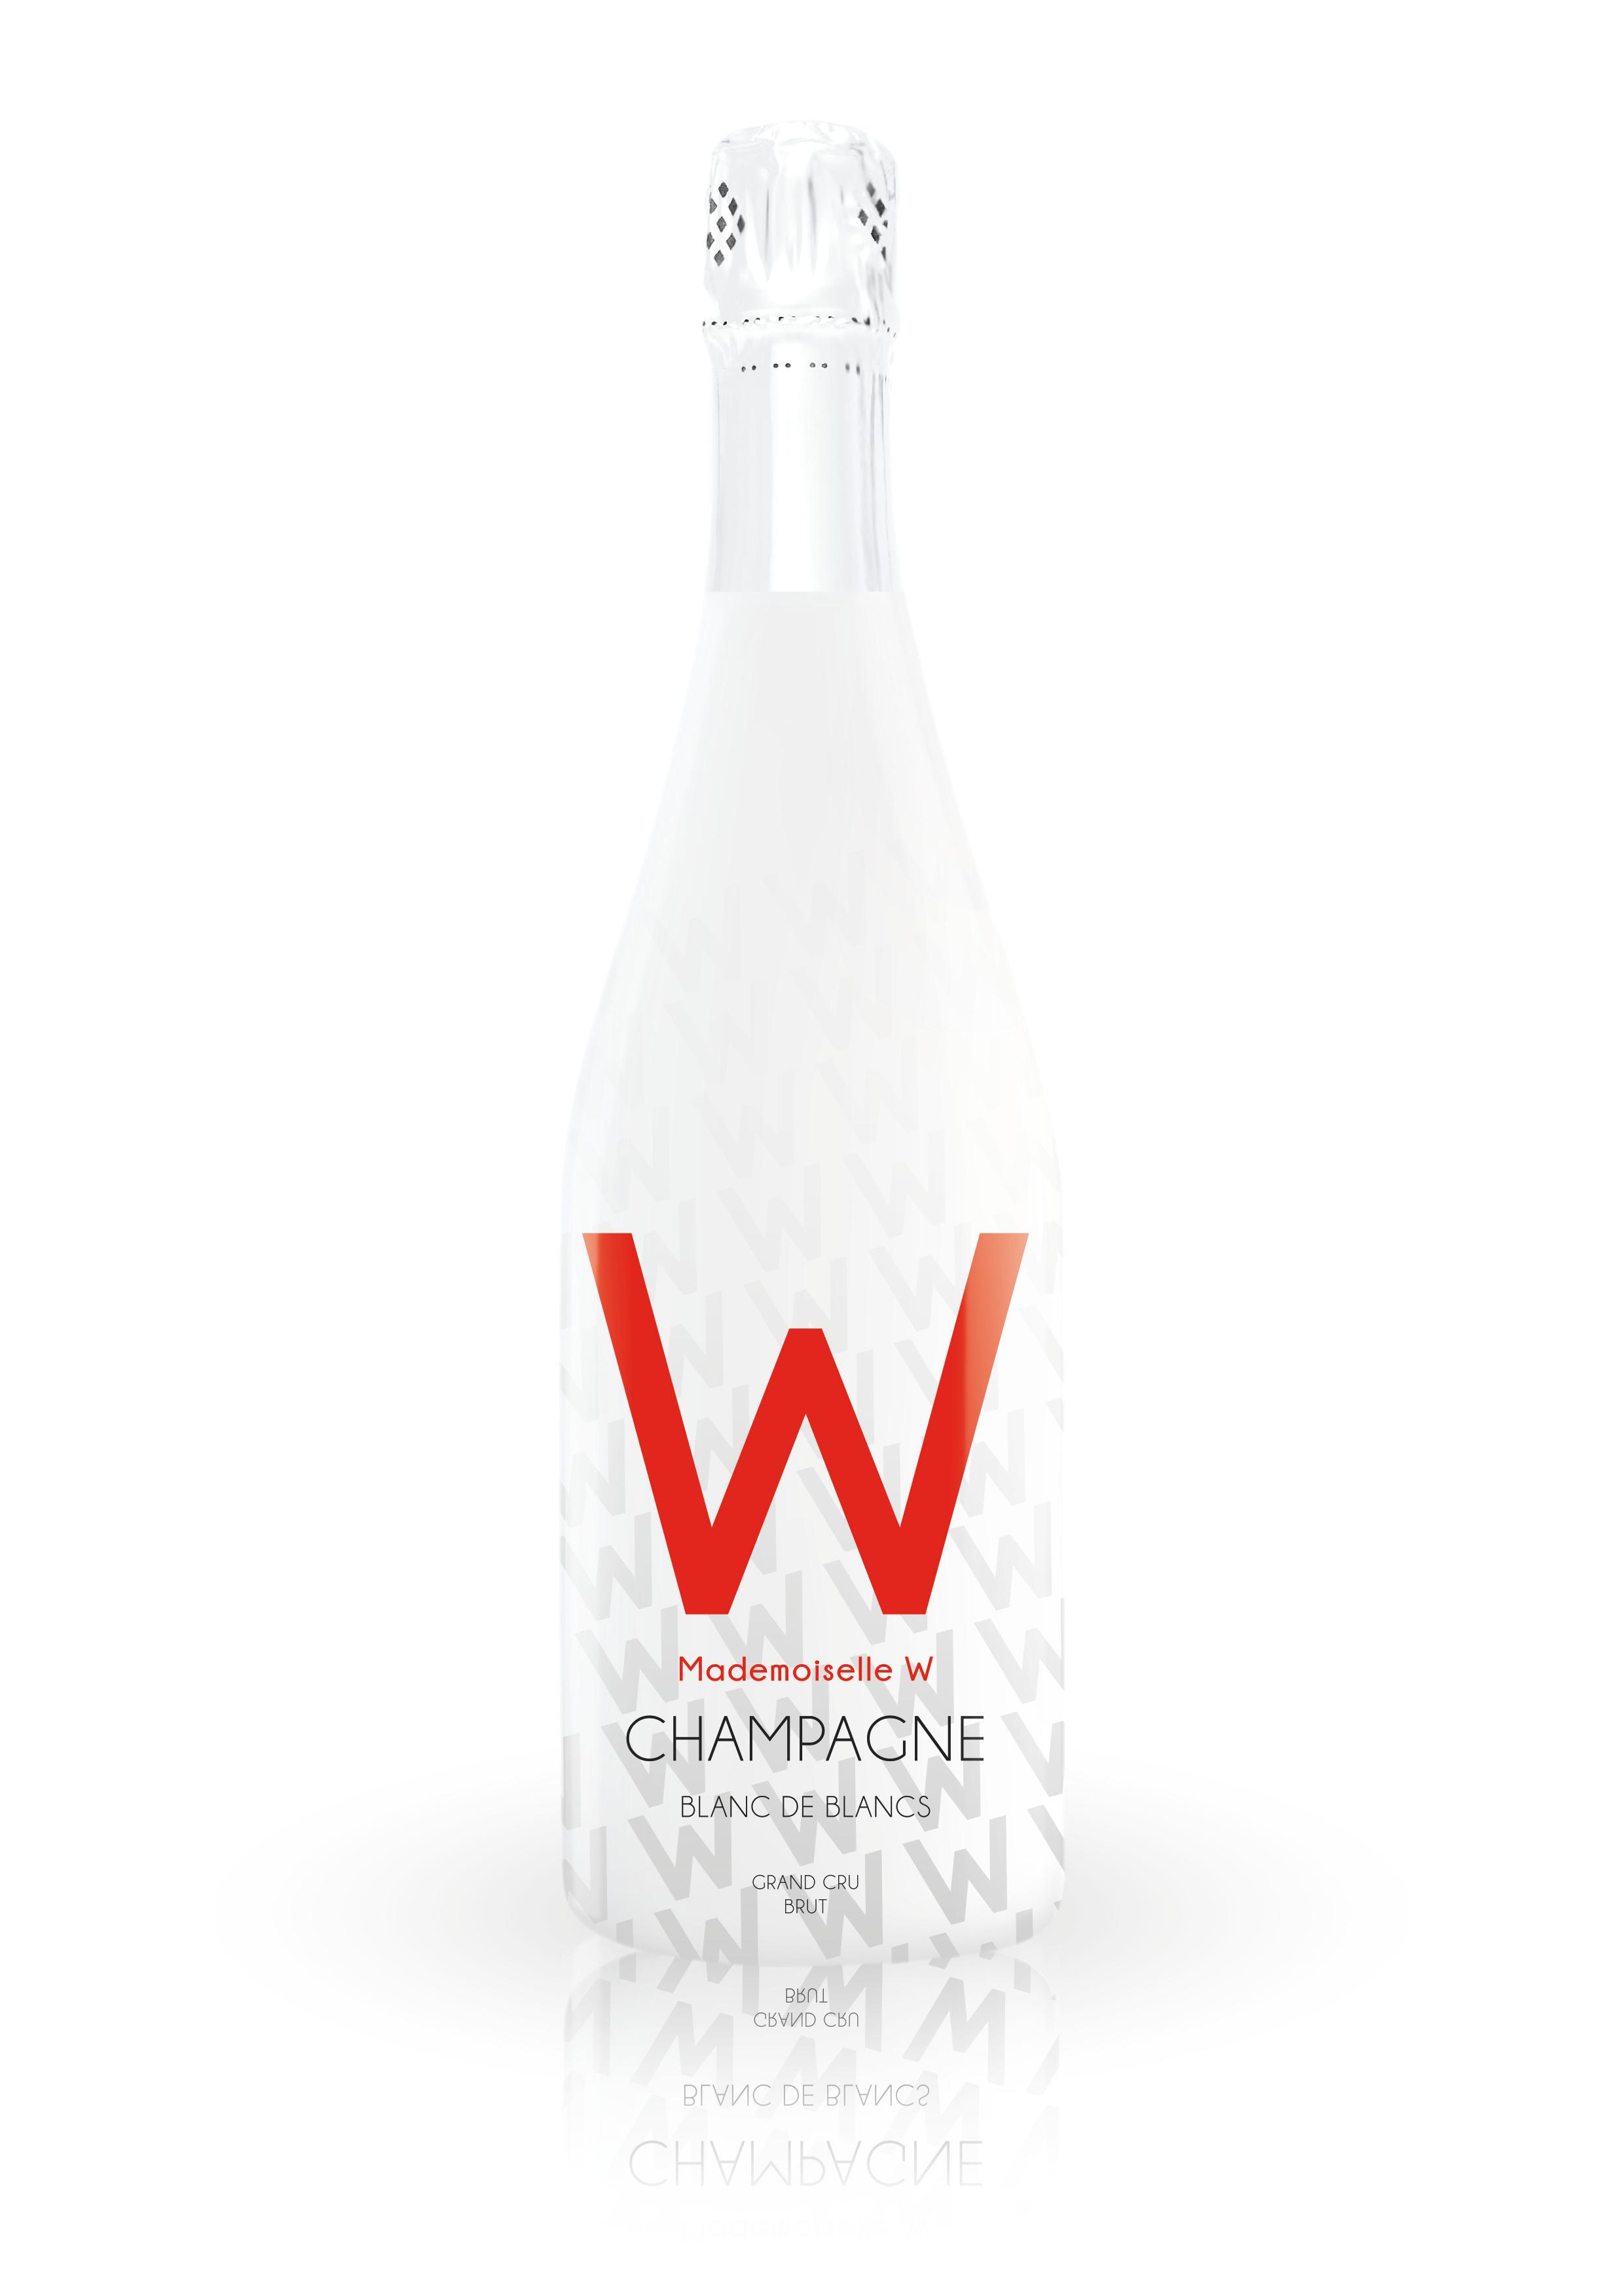 visuel bouteille walheim mademoiselle  W